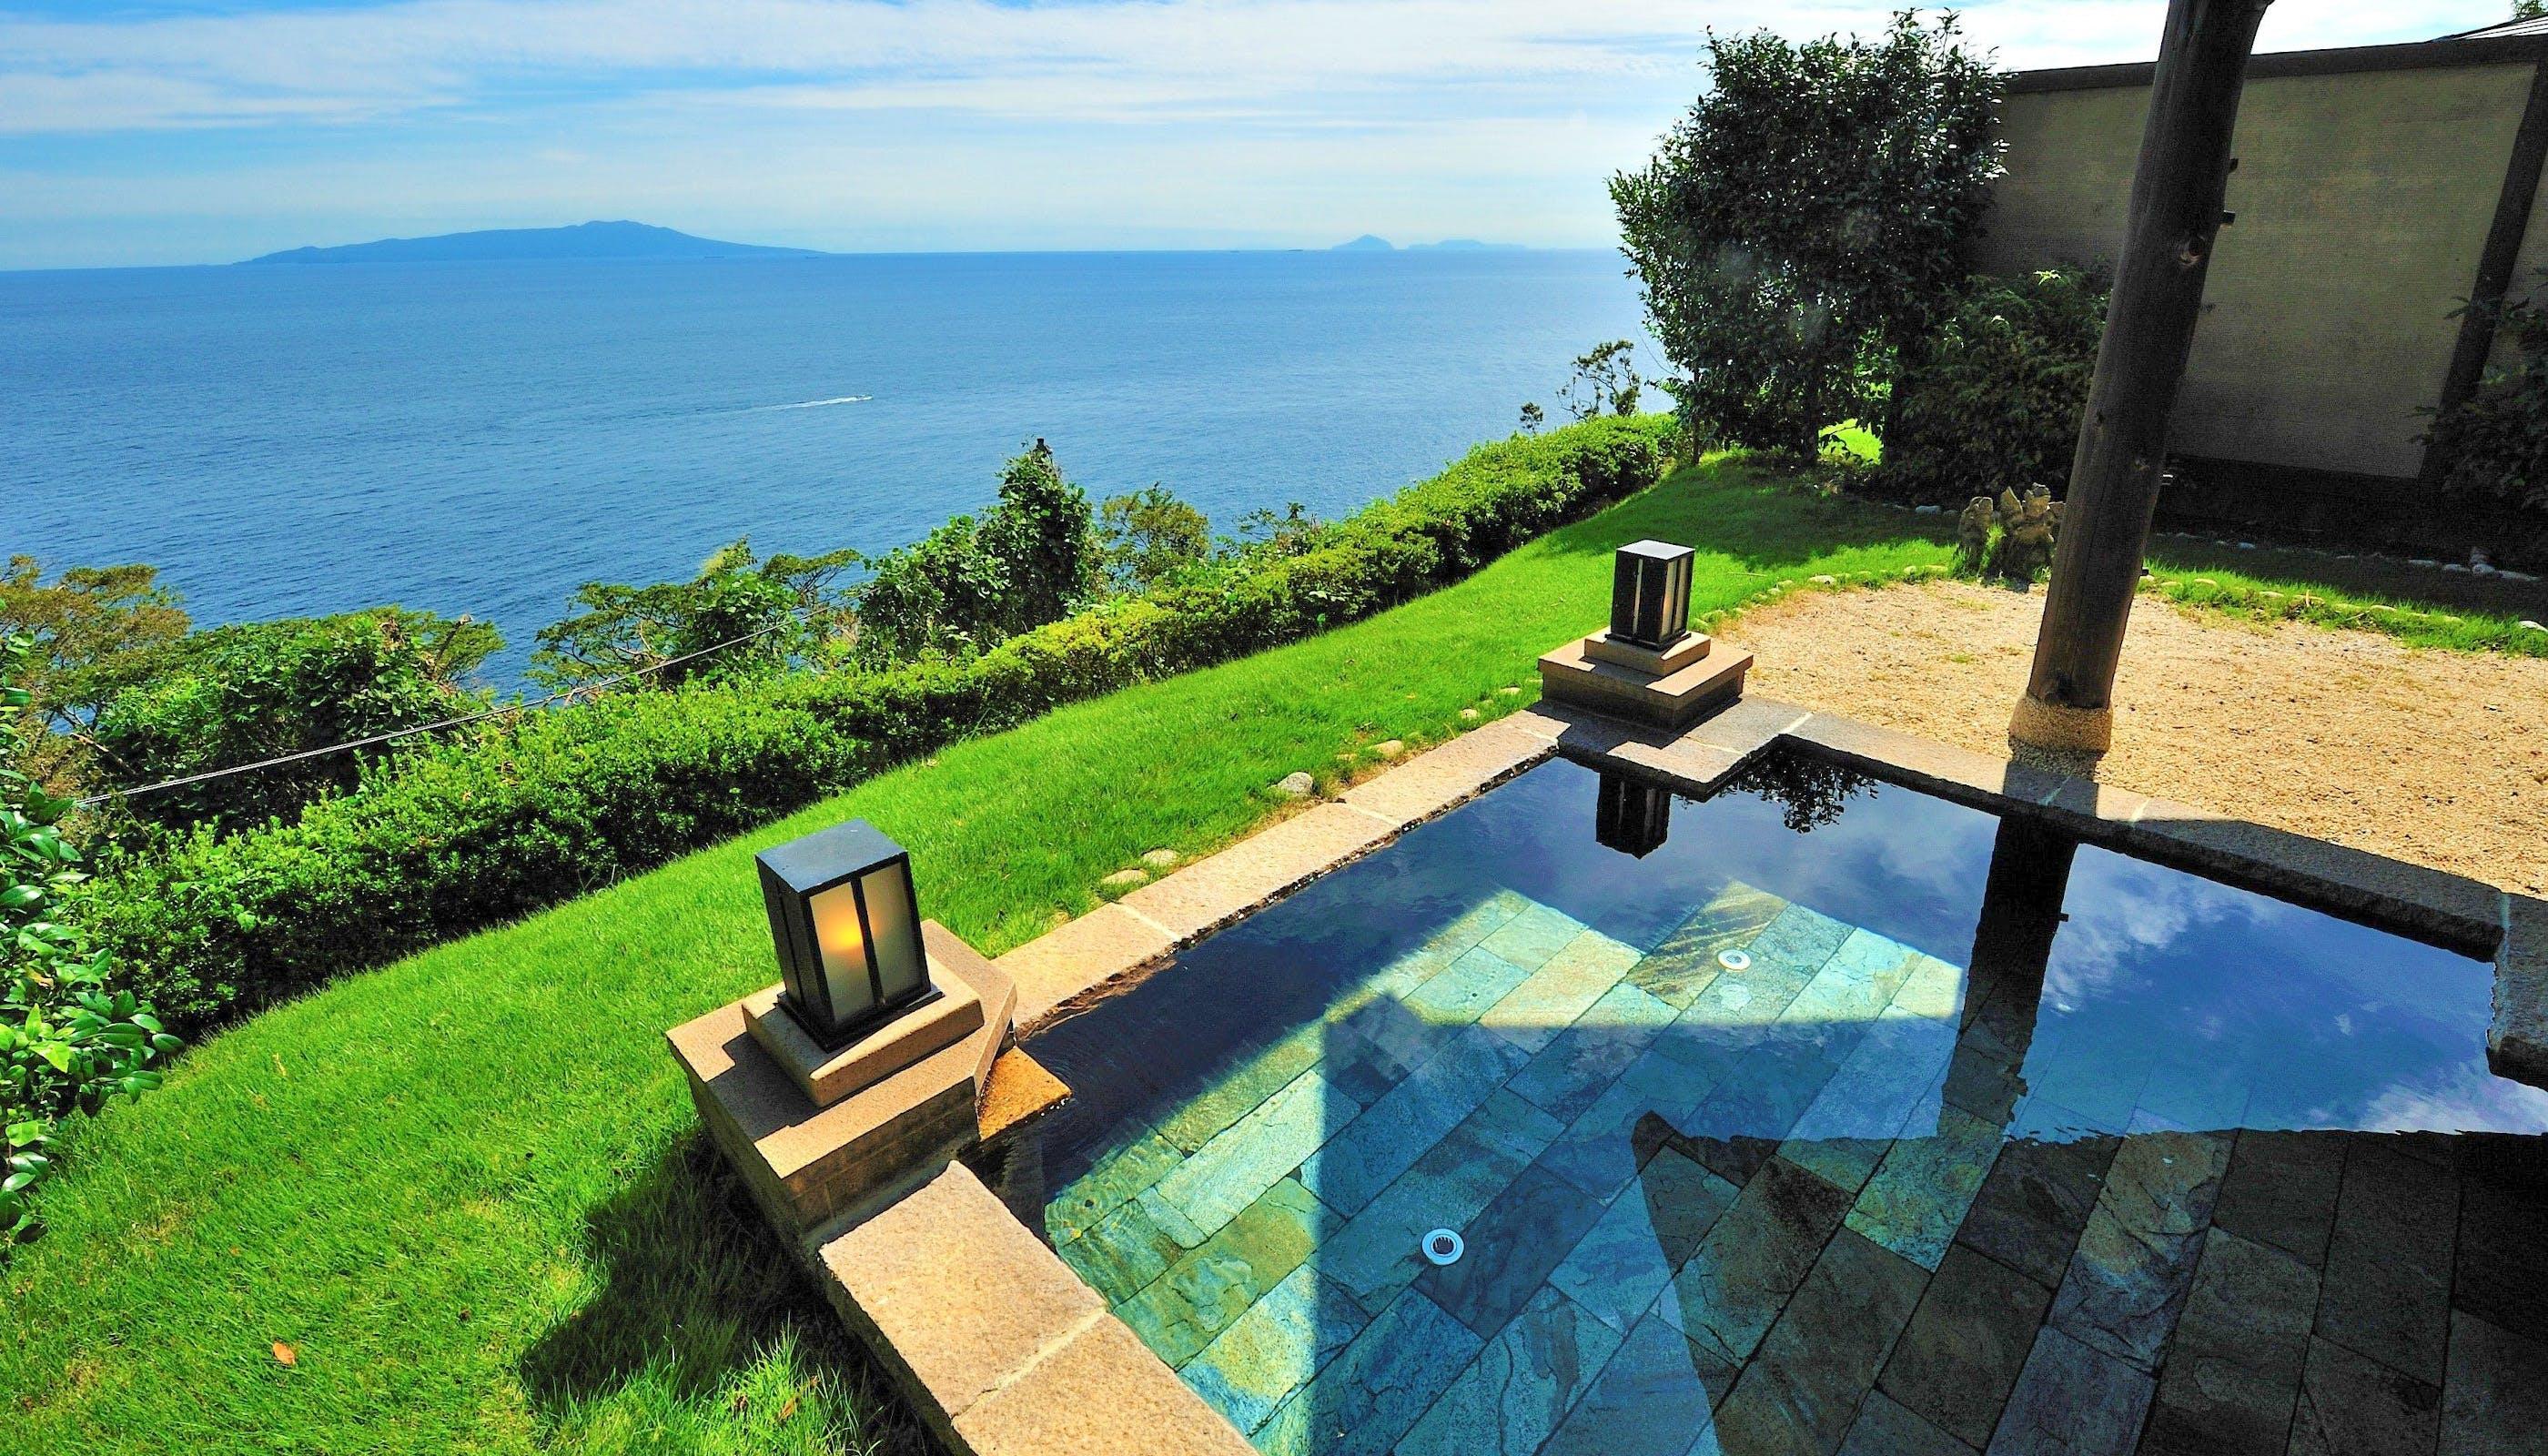 露天風呂付客室で海の絶景を独り占めできる温泉宿 熱海・伊豆編